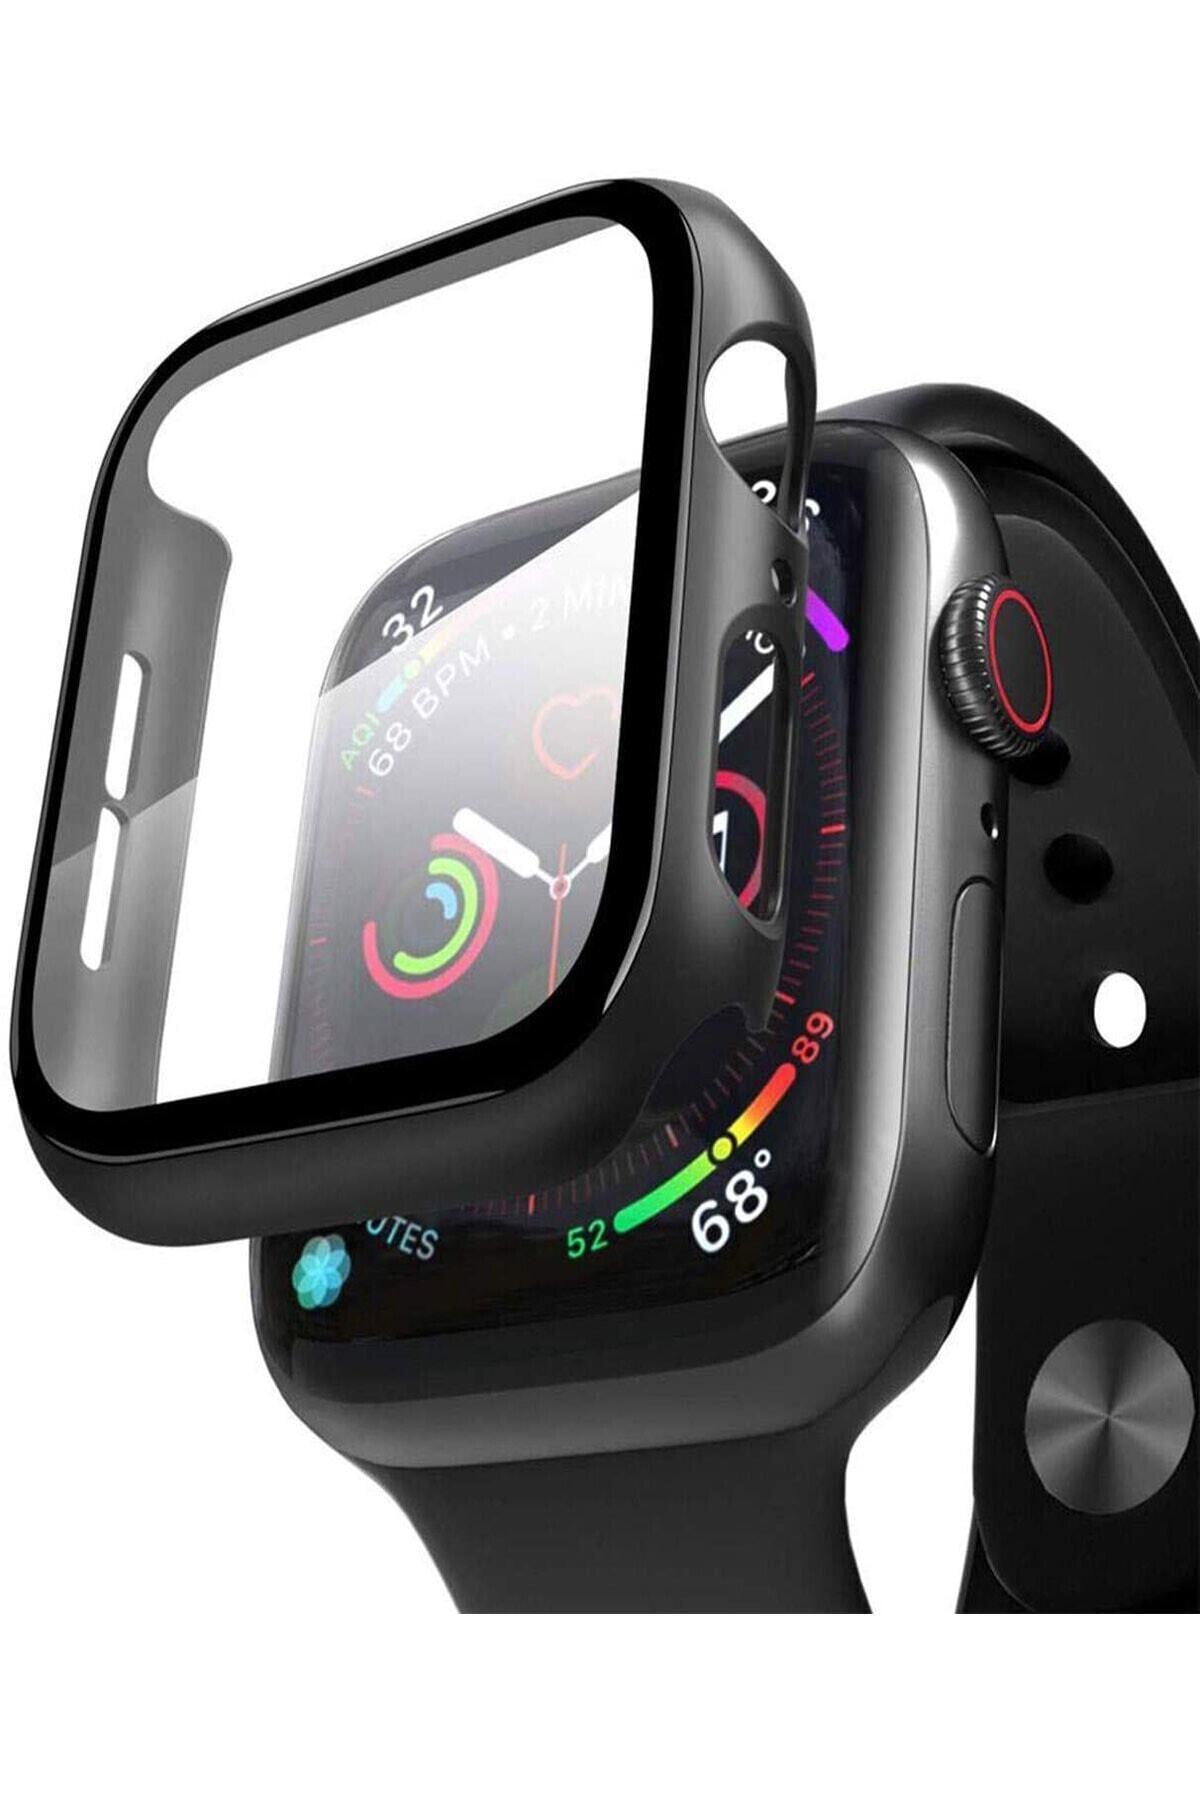 Apple Watch 44mm Uyumlu  Tpu Çerçeveli Ekran Koruyuculu Ön Çerçeve Kılıf Hediyeli